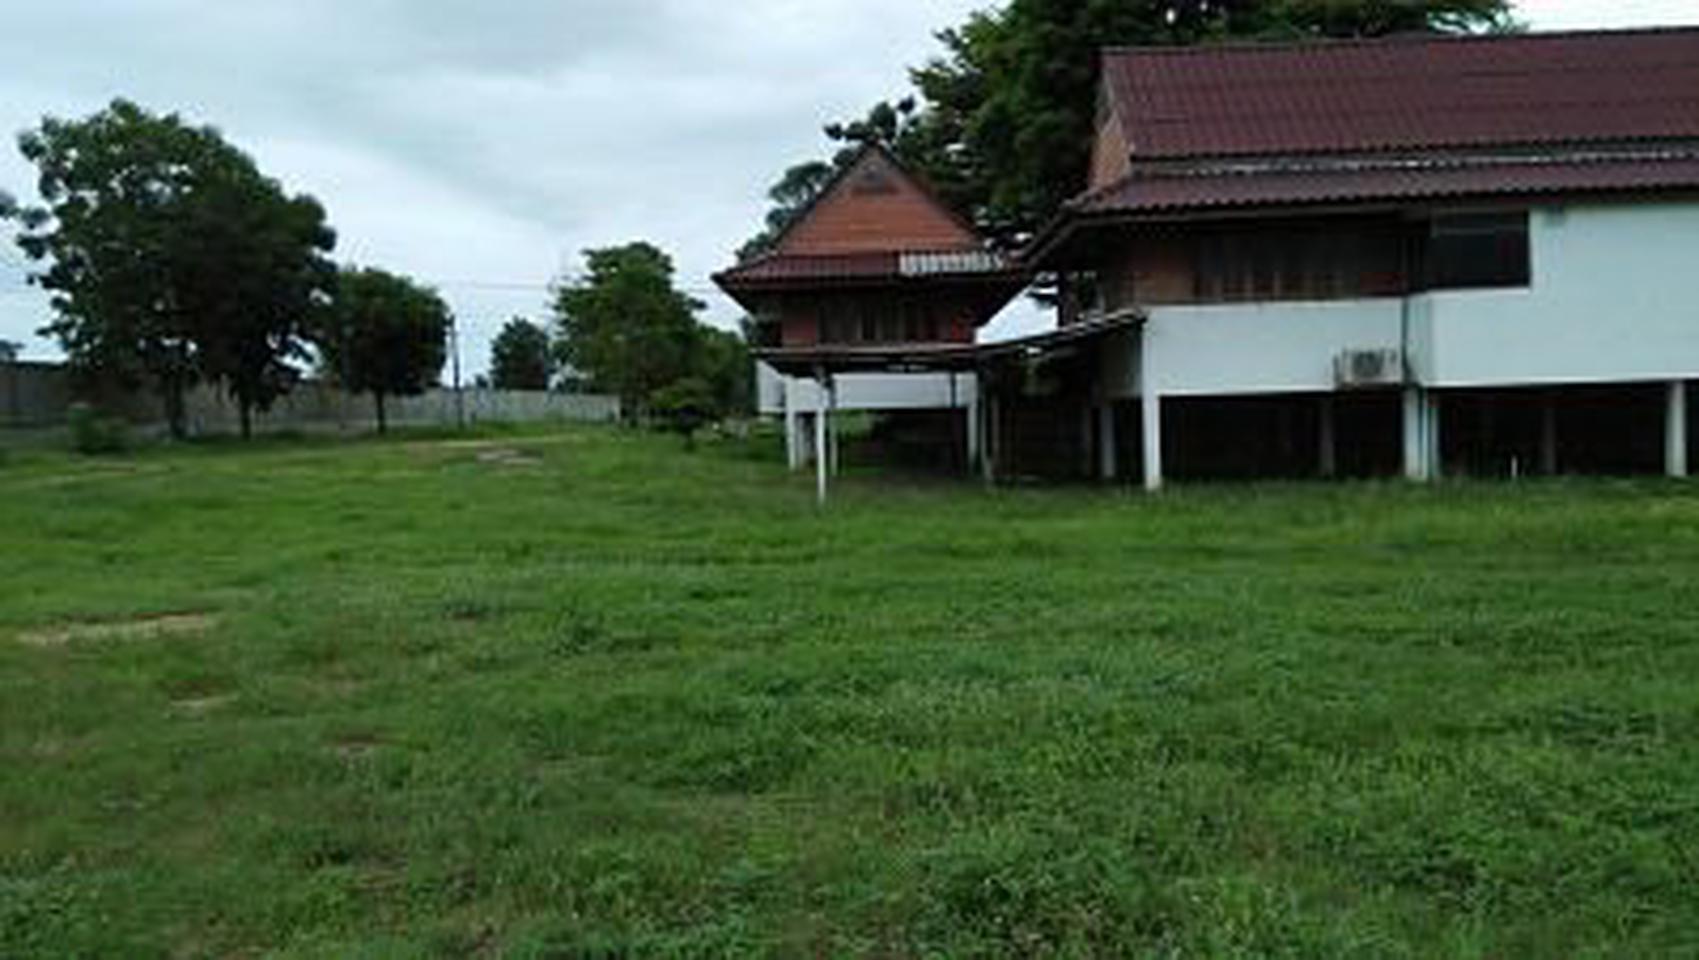 ขายที่ดิน แปลงใหญ่  อำเภอท่าม่วง กาญจนบุรี รูปที่ 3